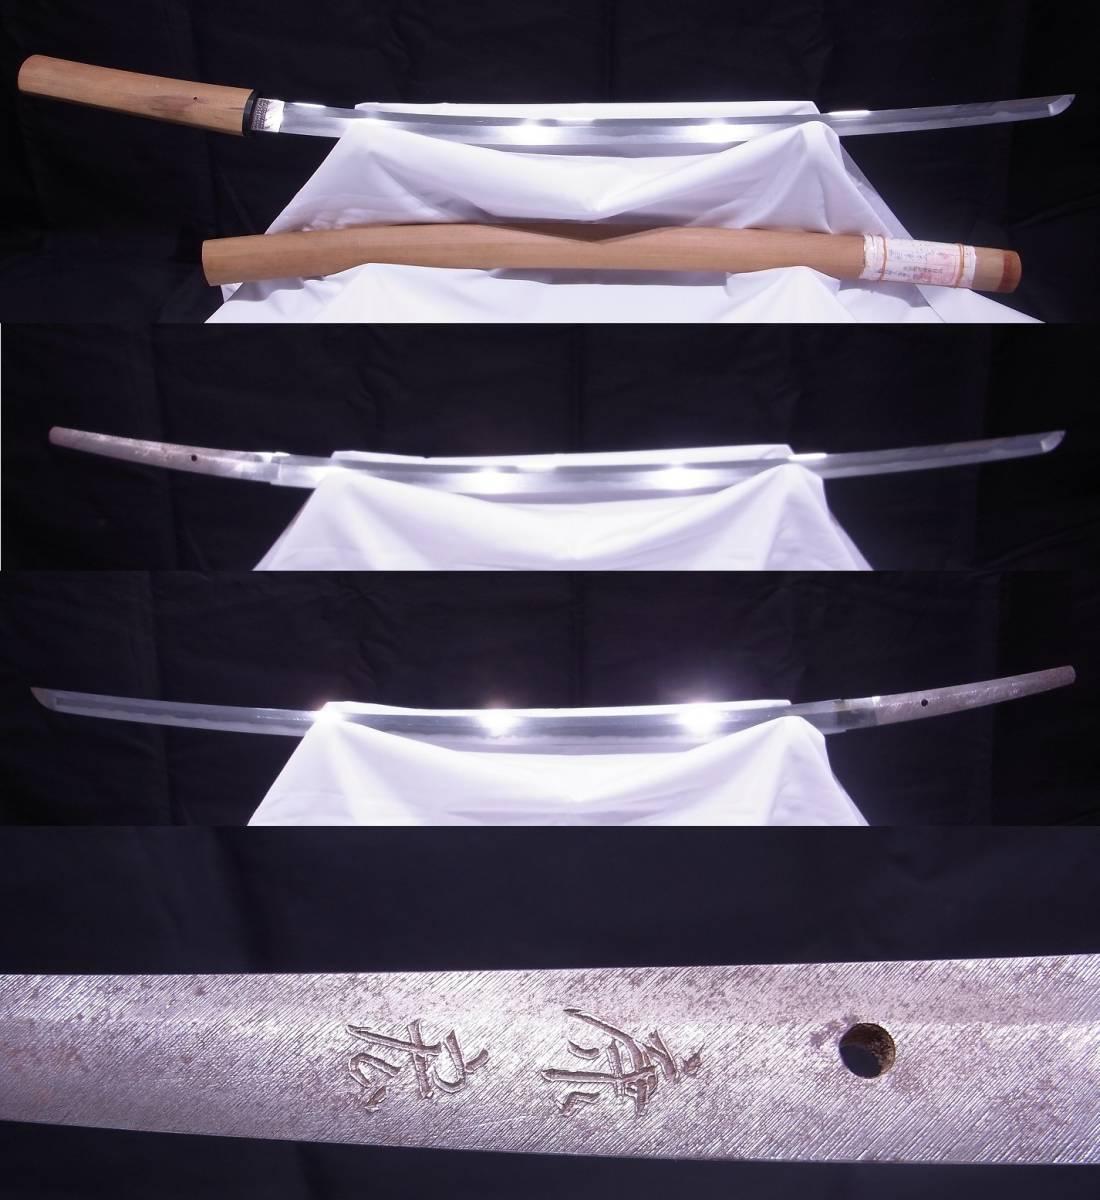 斬鉄剣! 初代『 小林康宏 』刀匠の打った大変希少な『高輪打ち』そして更に希少な『 太刀 』 刃長73cm 反り2.0cm